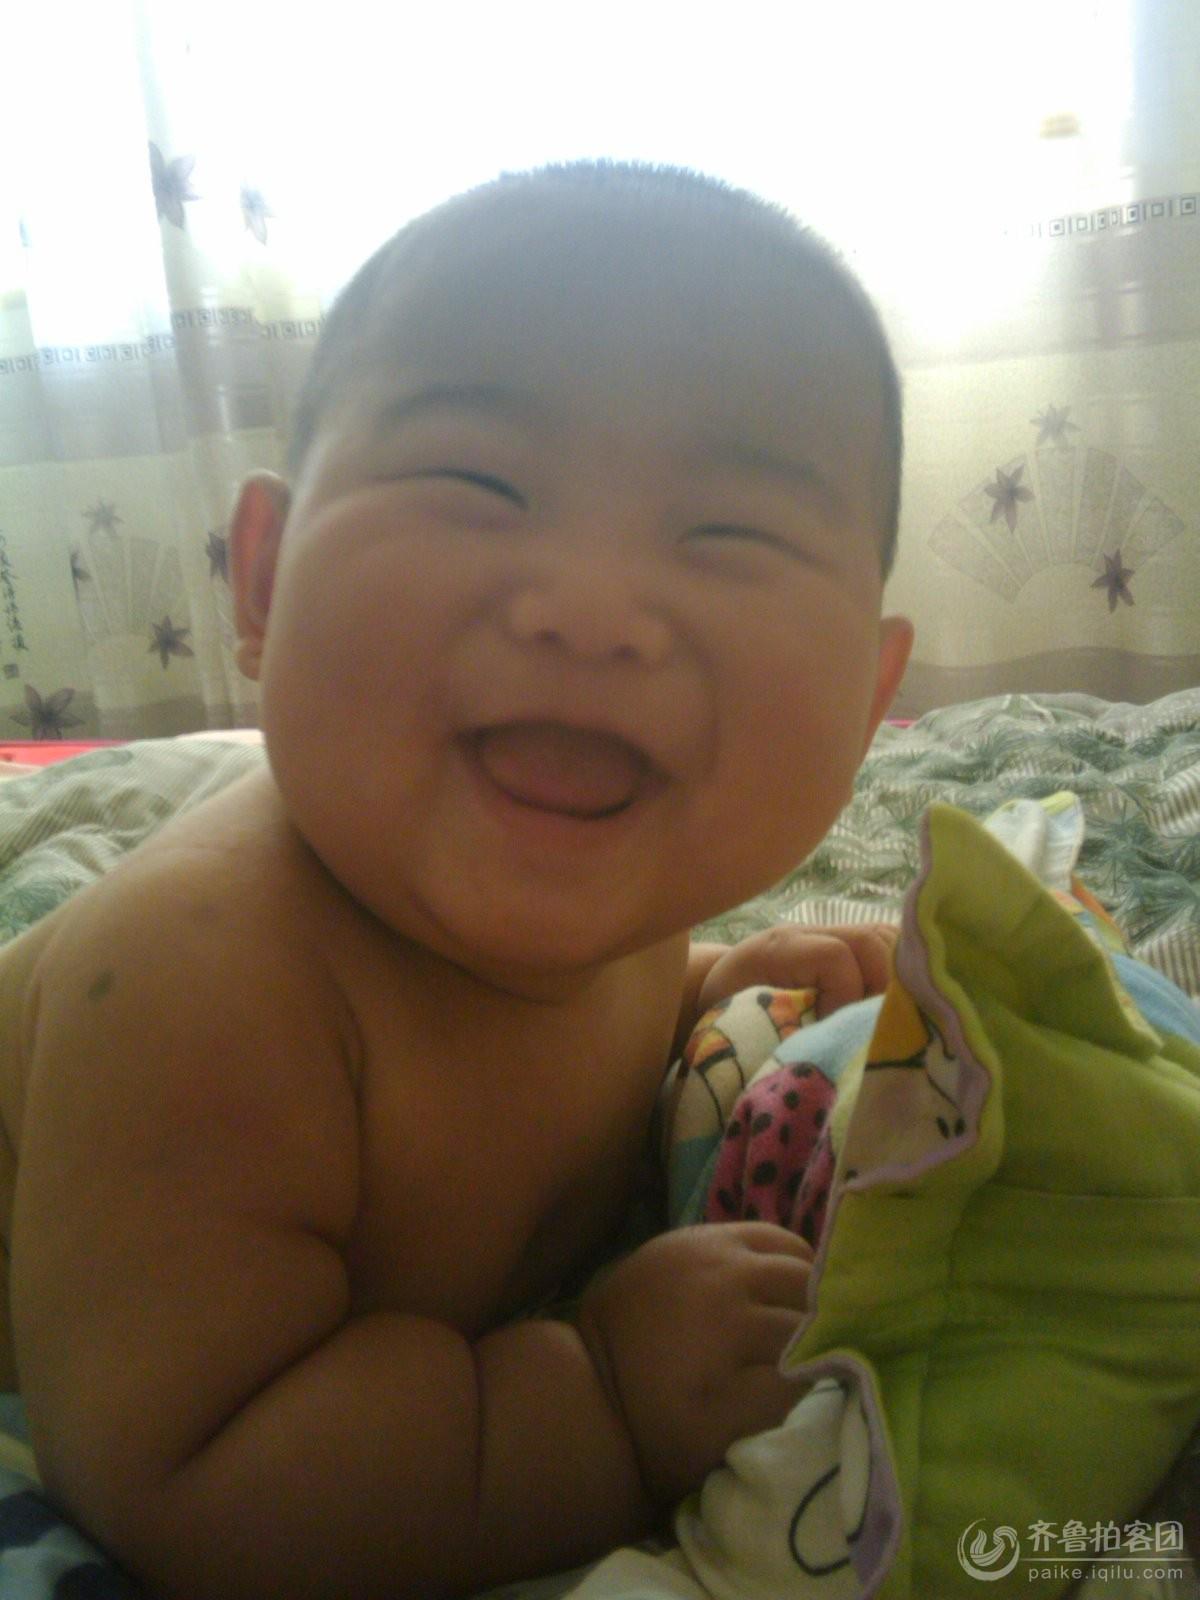 宝宝 壁纸 孩子 小孩 婴儿 1200_1600 竖版 竖屏 手机